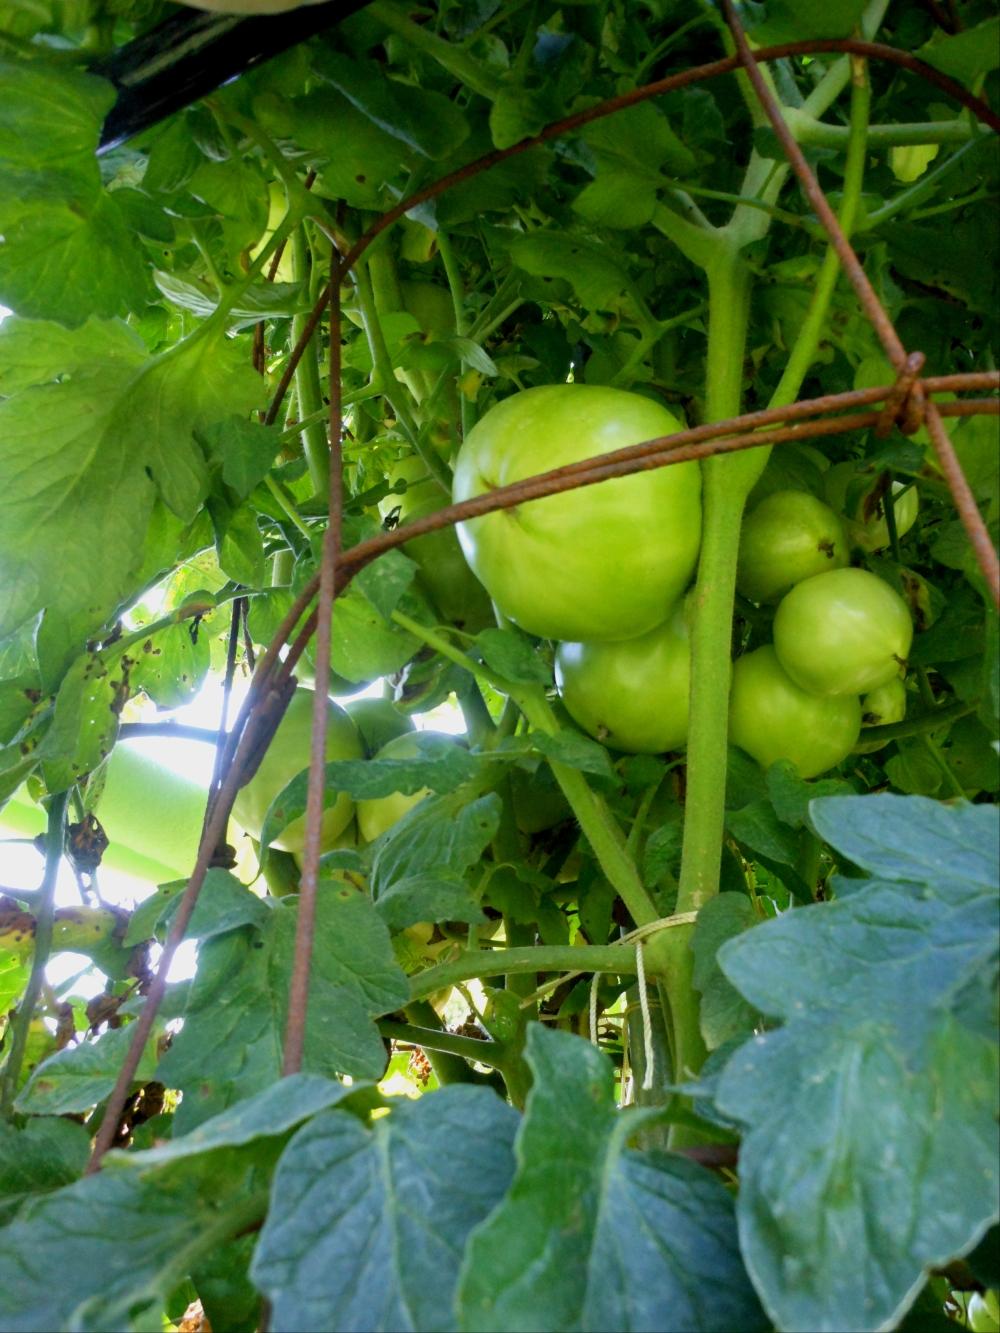 07-11-14_BetterBoy_Mass_Of_Tomatoes_05